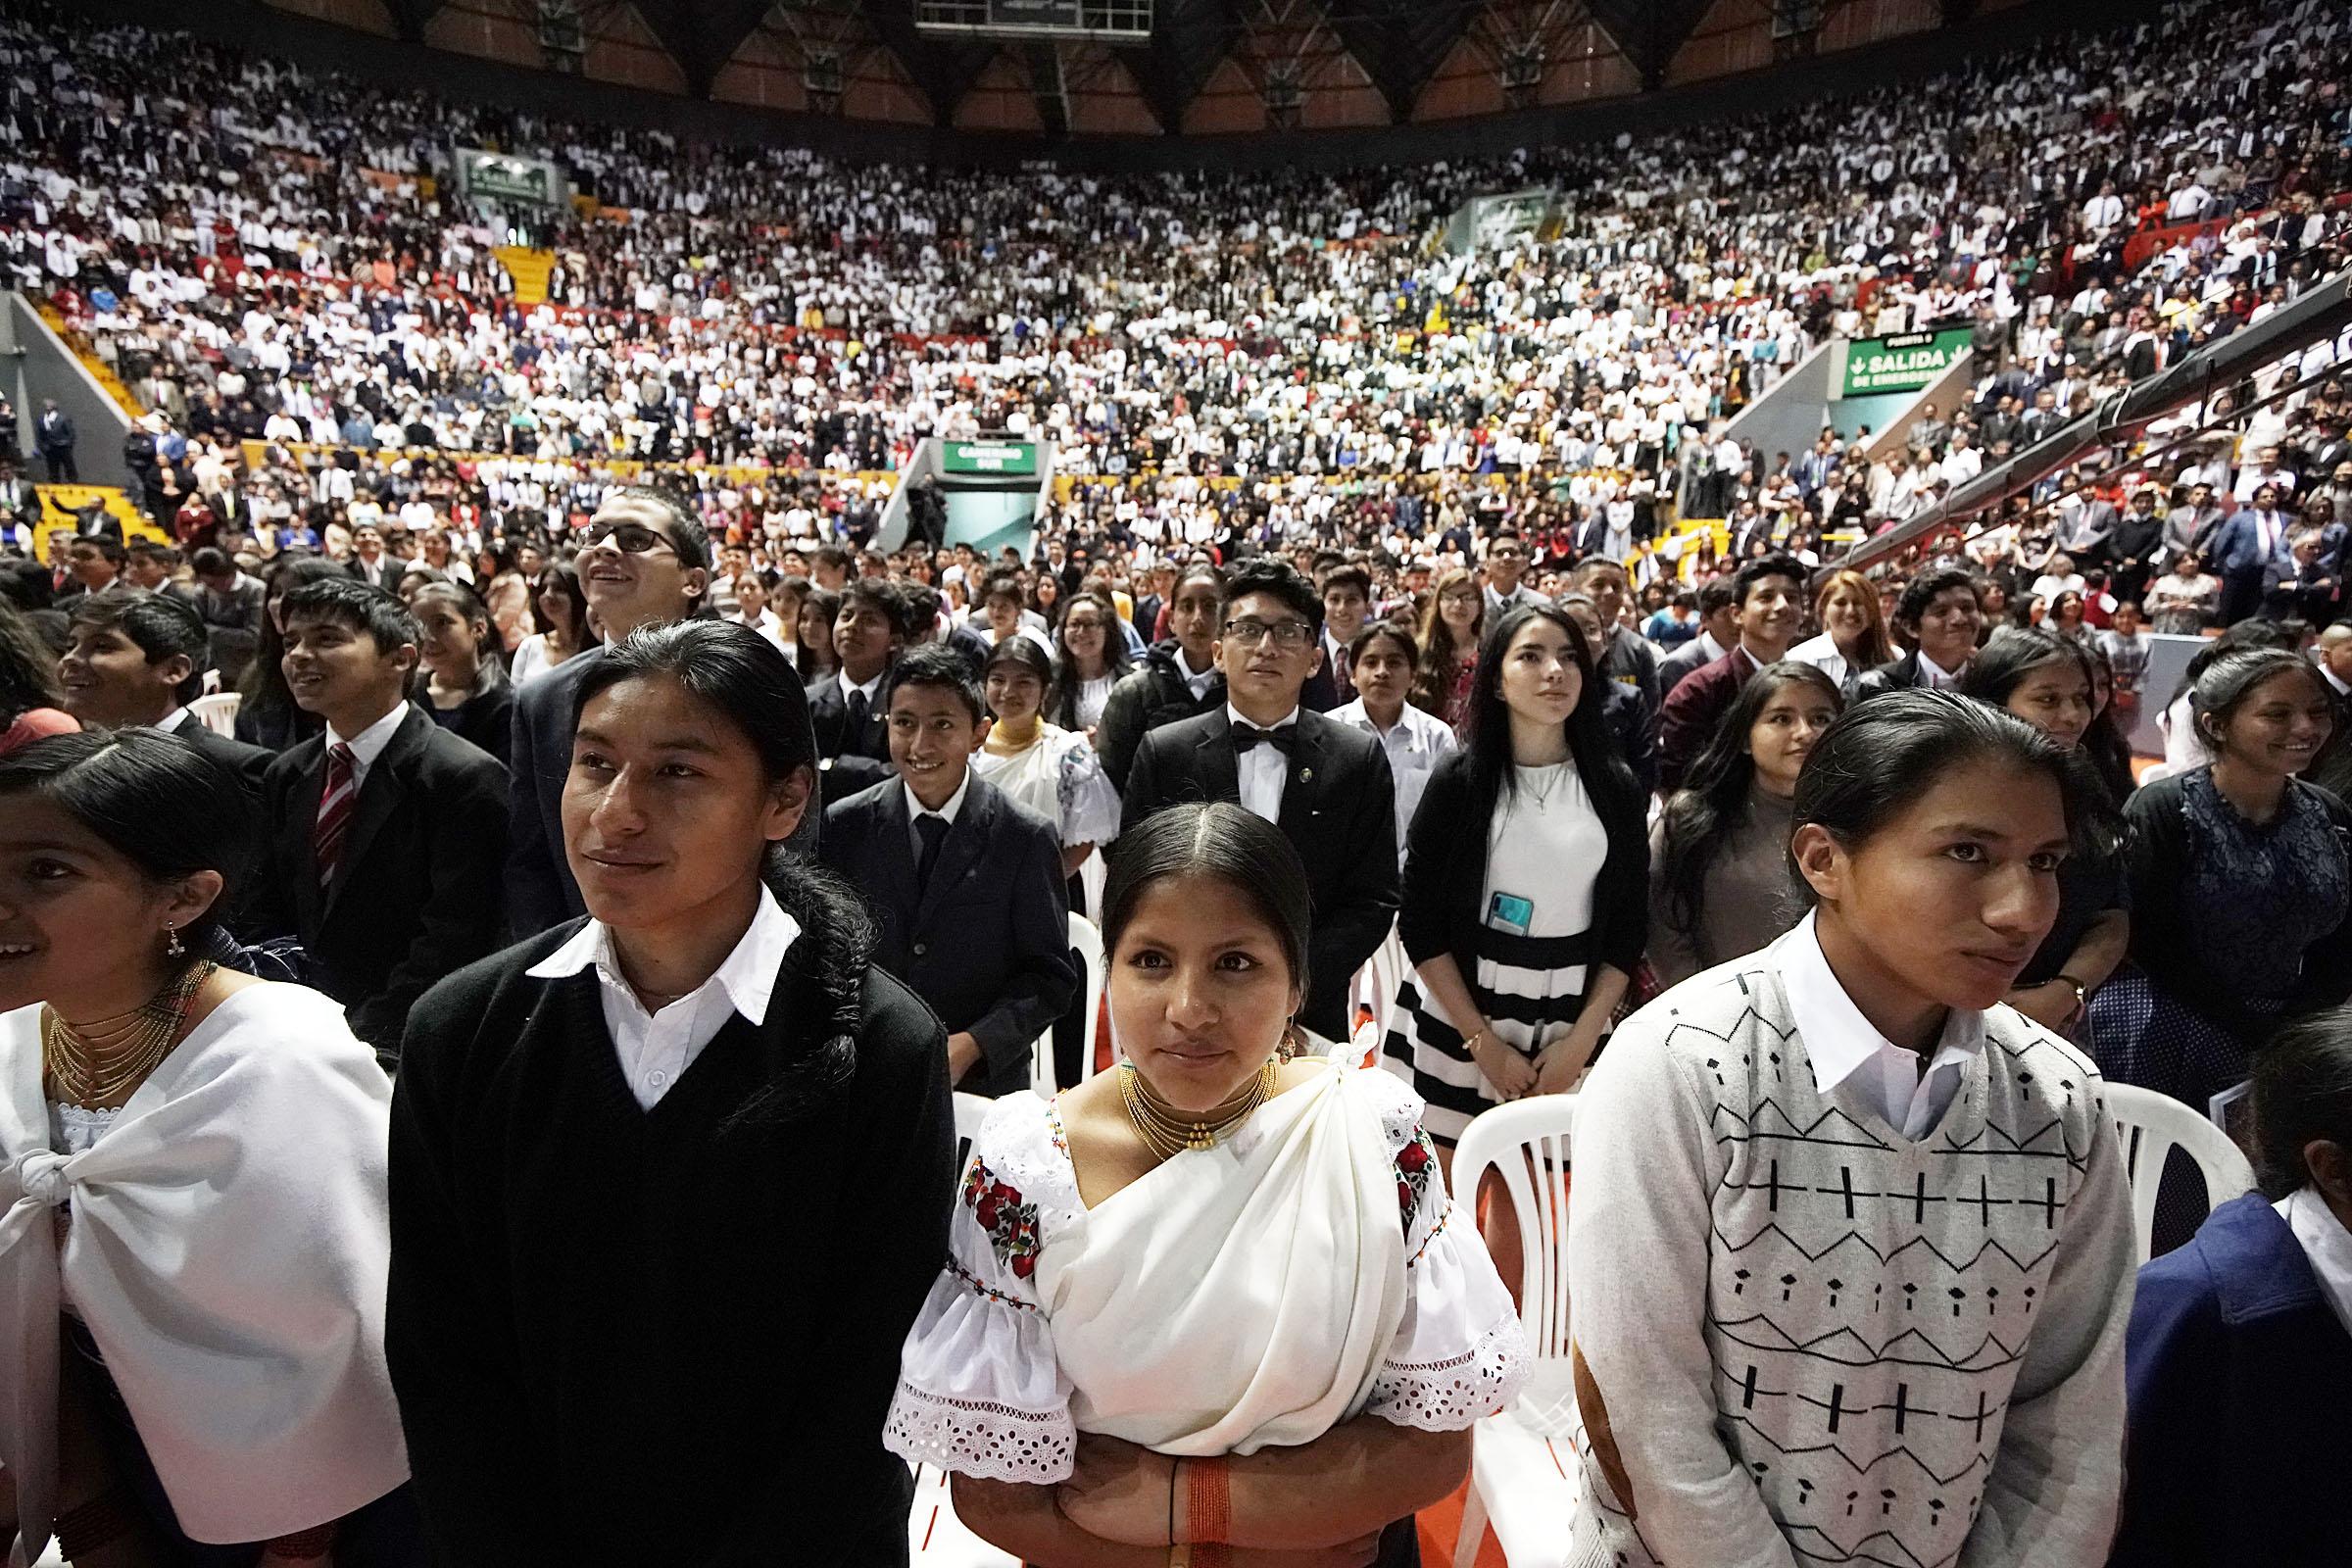 Jovens participantes levantam-se a pedido do presidente Russell M. Nelson, de A Igreja de Jesus Cristo dos Santos dos Últimos Dias, durante o devocional na ministração na América Latina em Quito, Equador, na segunda-feira, 26 de agosto de 2019. Nahomi Campo, ao centro.